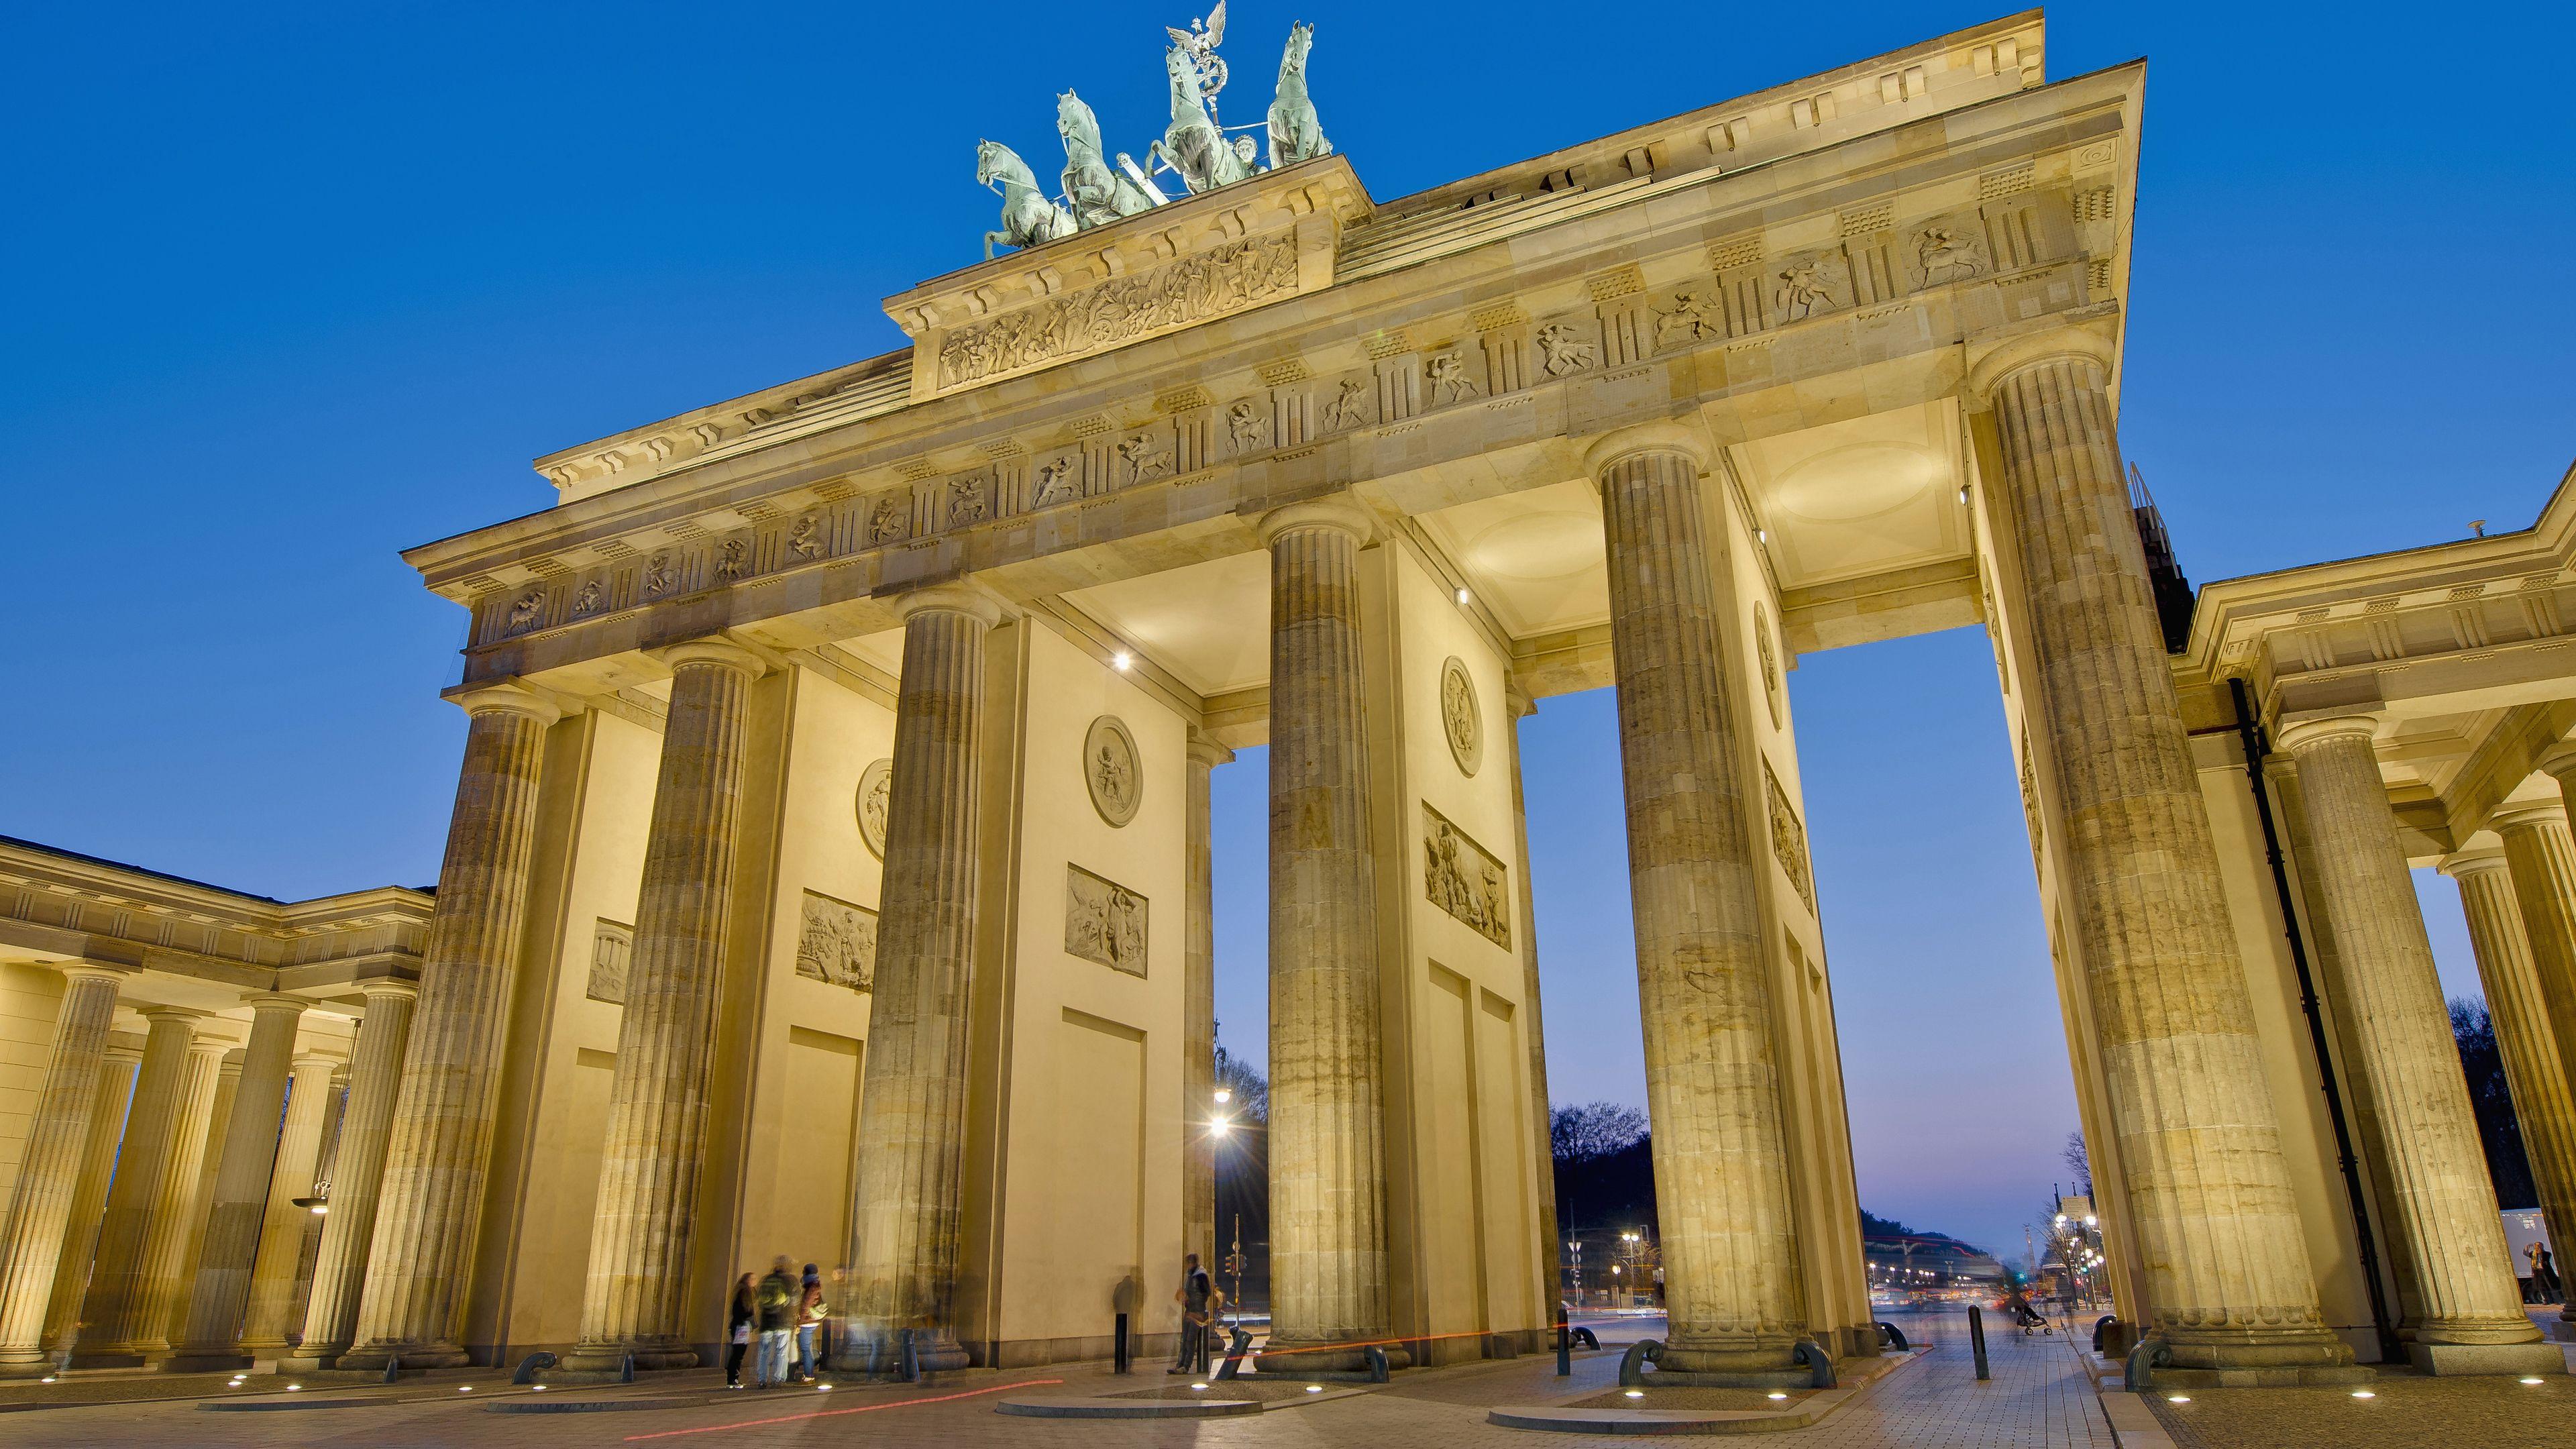 The Brandenburg Gate at dusk